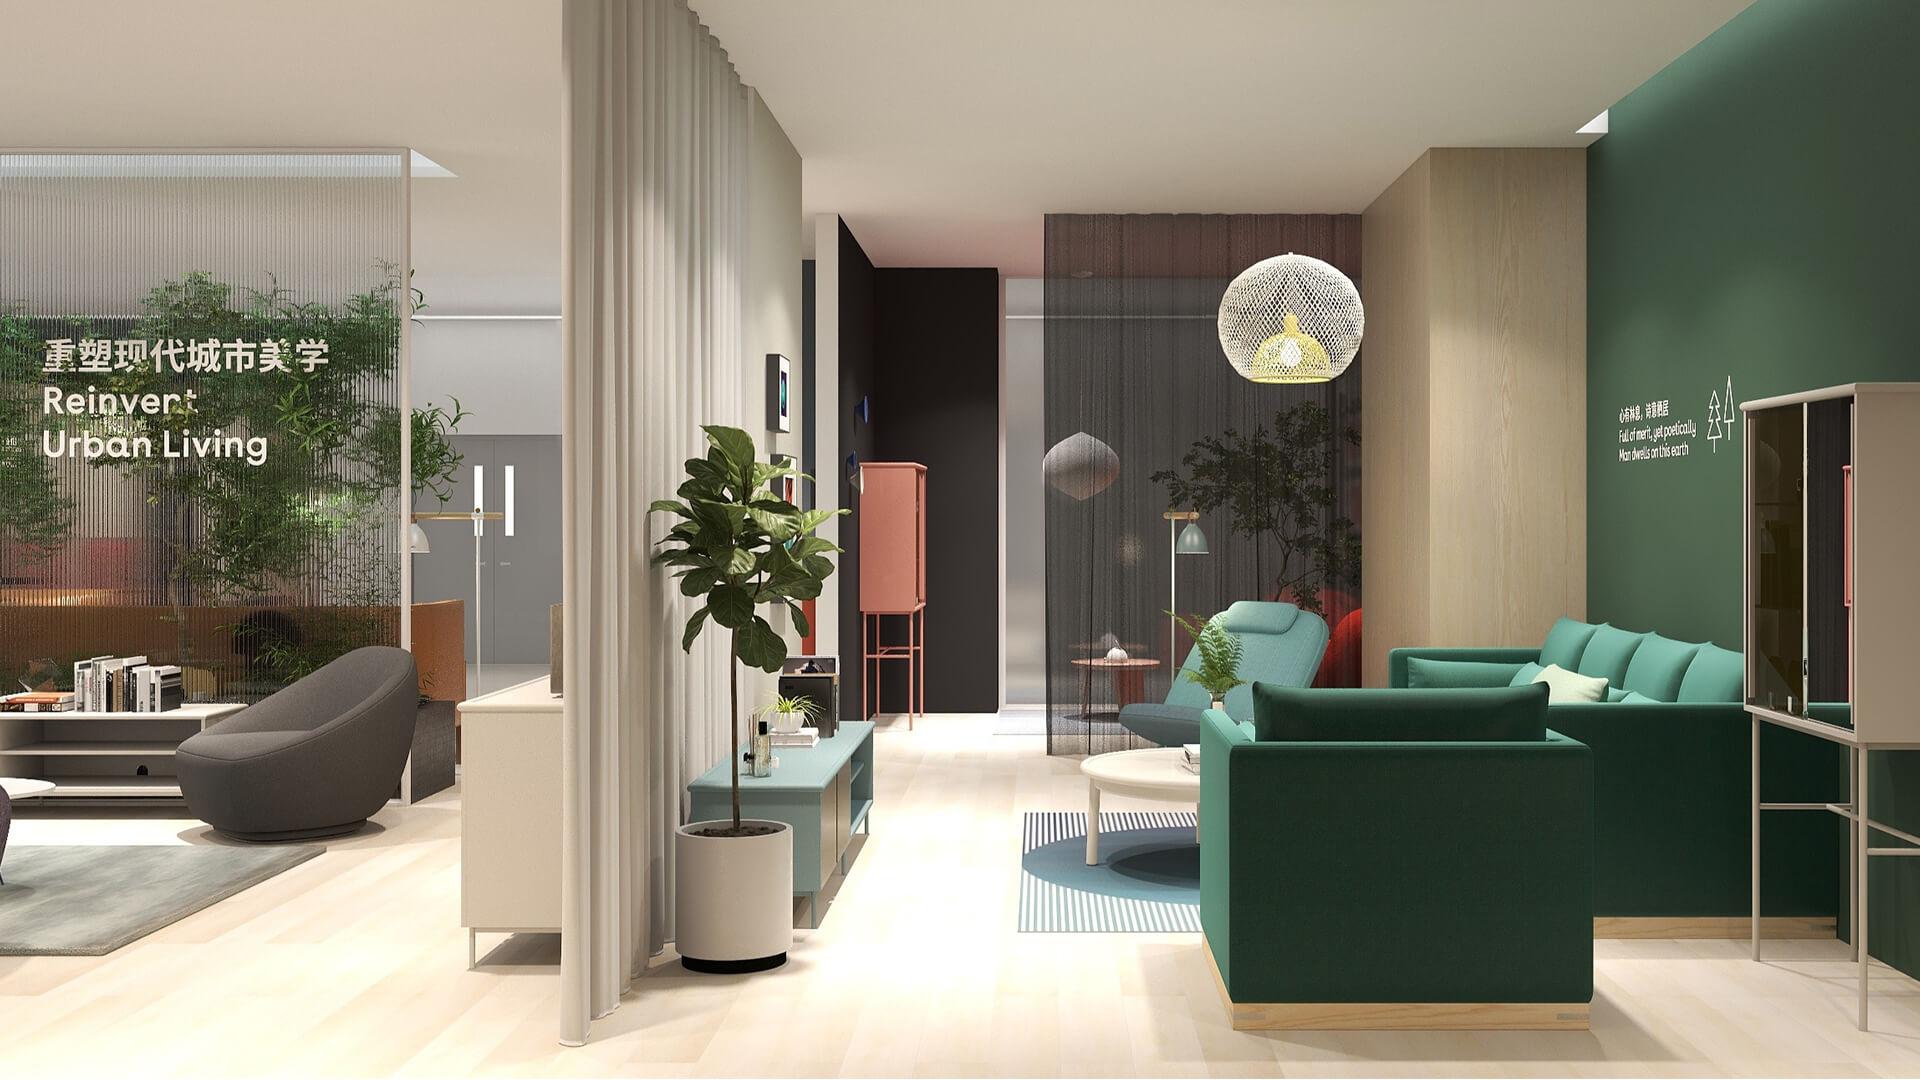 造作新家青岛首店 | 富尔玛国际家居博览中心 F3-806